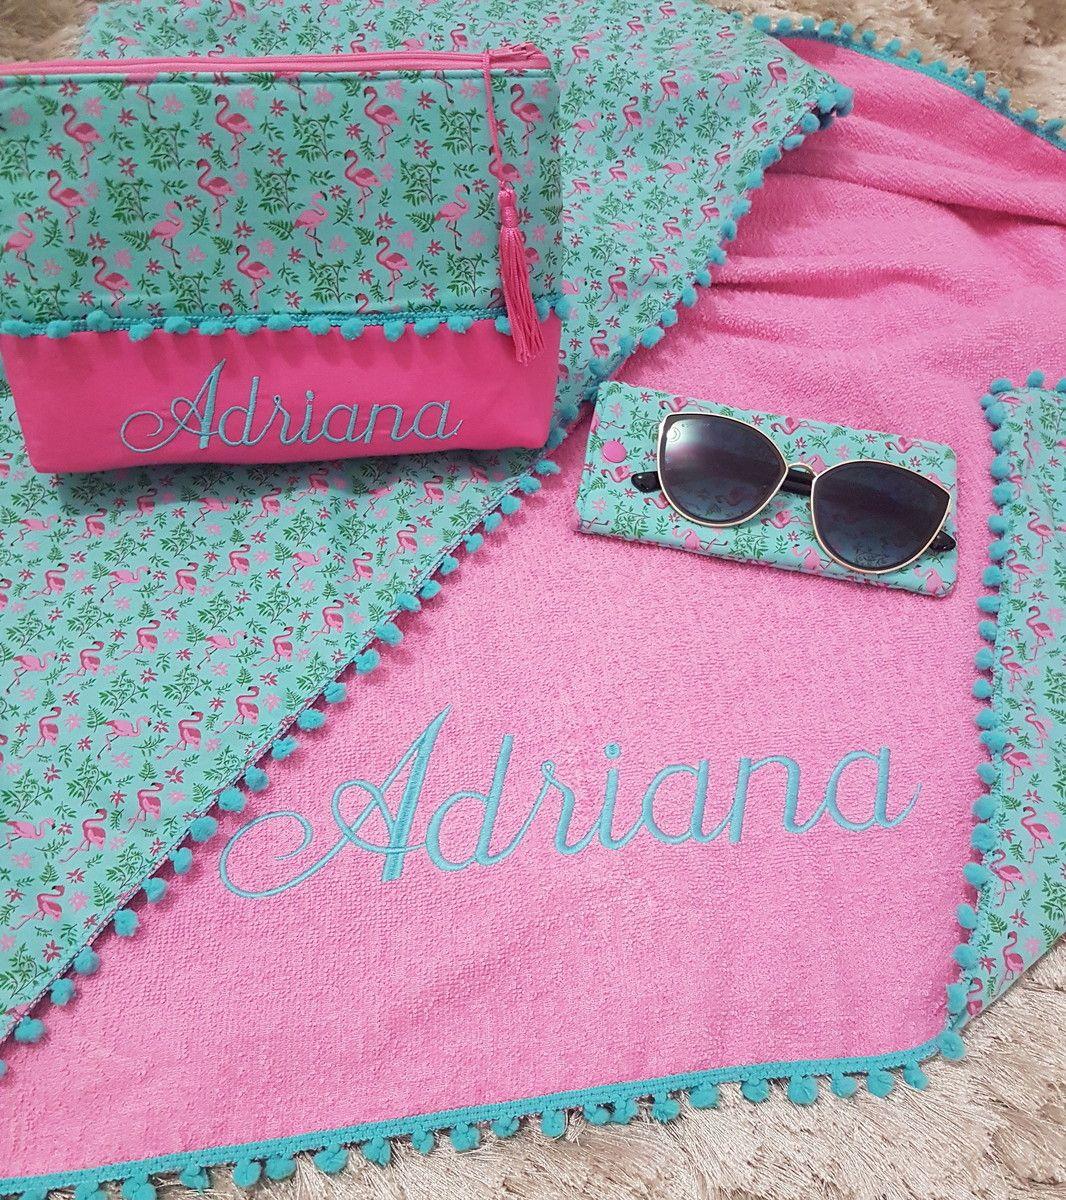 Kit Flamingos Canga toalha personalizada. Tecido estampado ...